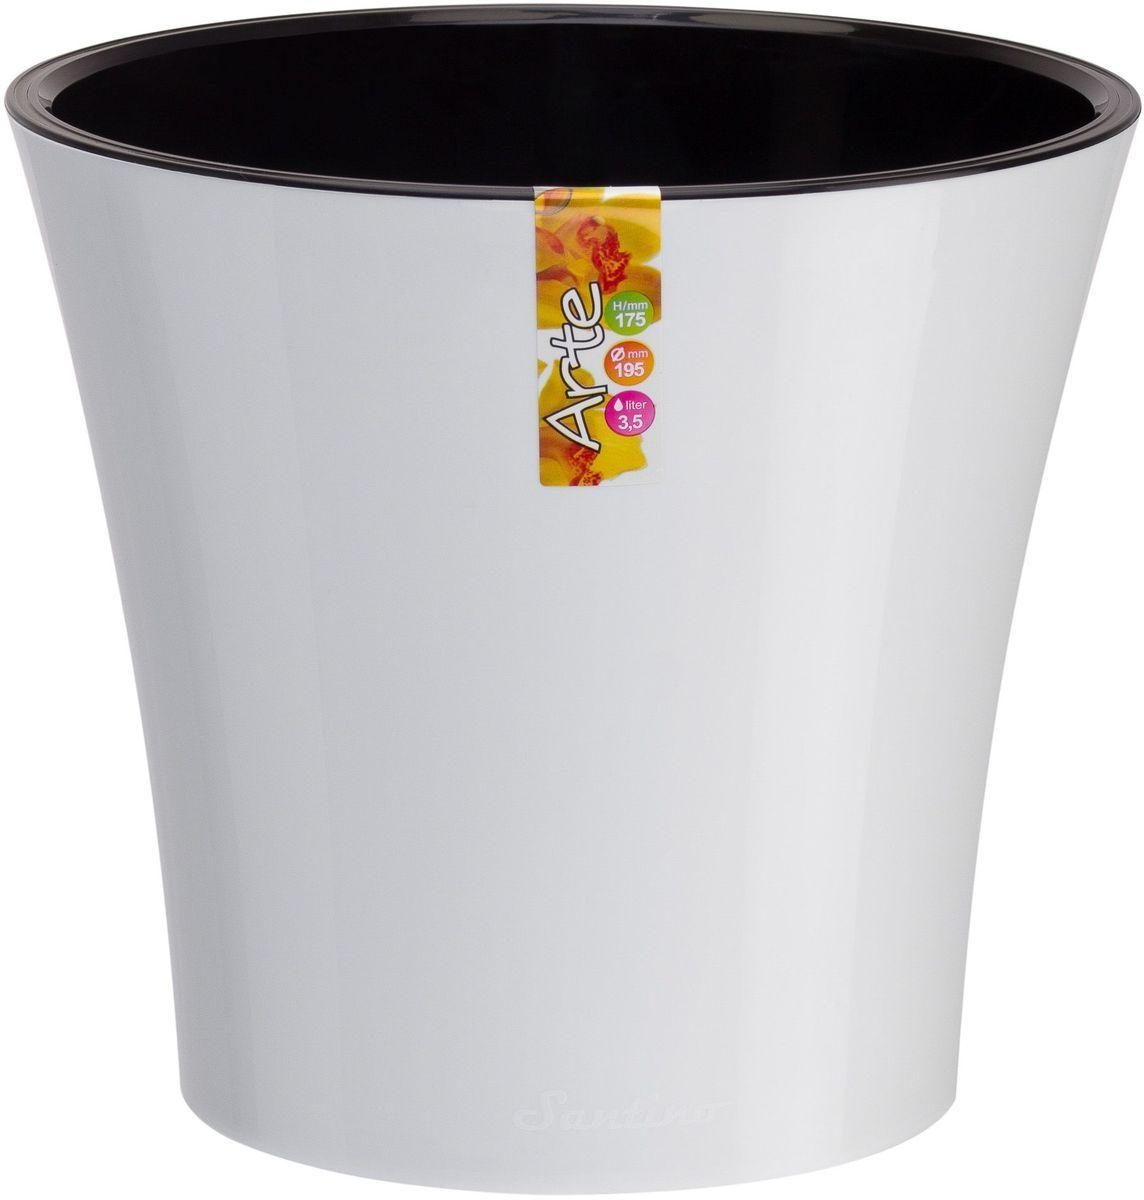 Горшок цветочный Santino Арте, двойной, с системой автополива, цвет: белый, черный, 2 л531-401Горшок цветочный Santino Арте снабжен дренажной системой и состоит из кашпо и вазона-вкладыша. Изготовлен из пластика. Особенность: тарелочка или блюдце не нужны. Горшок предназначен для любых растений или цветов. Цветочный дренаж – это система, которая позволяет выводить лишнюю влагу через корневую систему цветка и слой почвы. Растение – это живой организм, следовательно, ему необходимо дышать. В доступе к кислороду нуждаются все части растения: -листья; -корневая система. Если цветовод по какой-либо причине зальет цветок водой, то она буквально вытеснит из почвенного слоя все пузырьки кислорода. Анаэробная среда способствует развитию различного рода бактерий. Безвоздушная среда приводит к загниванию корневой системы, цветок в результате увядает. Суть работы дренажной системы заключается в том, чтобы осуществлять отвод лишней влаги от растения и давать возможность корневой системе дышать без проблем. Следовательно, каждому цветку необходимо: -иметь в основании цветочного горшочка хотя бы одно небольшое дренажное отверстие. Оно необходимо для того, чтобы через него выходила лишняя вода, плюс ко всему это отверстие дает возможность циркулировать воздух. -на самом дне горшка необходимо выложить слоем в 2-5 см (зависит от вида растения) дренаж.УВАЖАЕМЫЕ КЛИЕНТЫ!Обращаем ваше внимание на тот факт, что фото изделия служит для визуального восприятия товара. Литраж и размеры, представленные на этикетке товара, могут по факту отличаться от реальных. Корректные данные в поле Размеры.